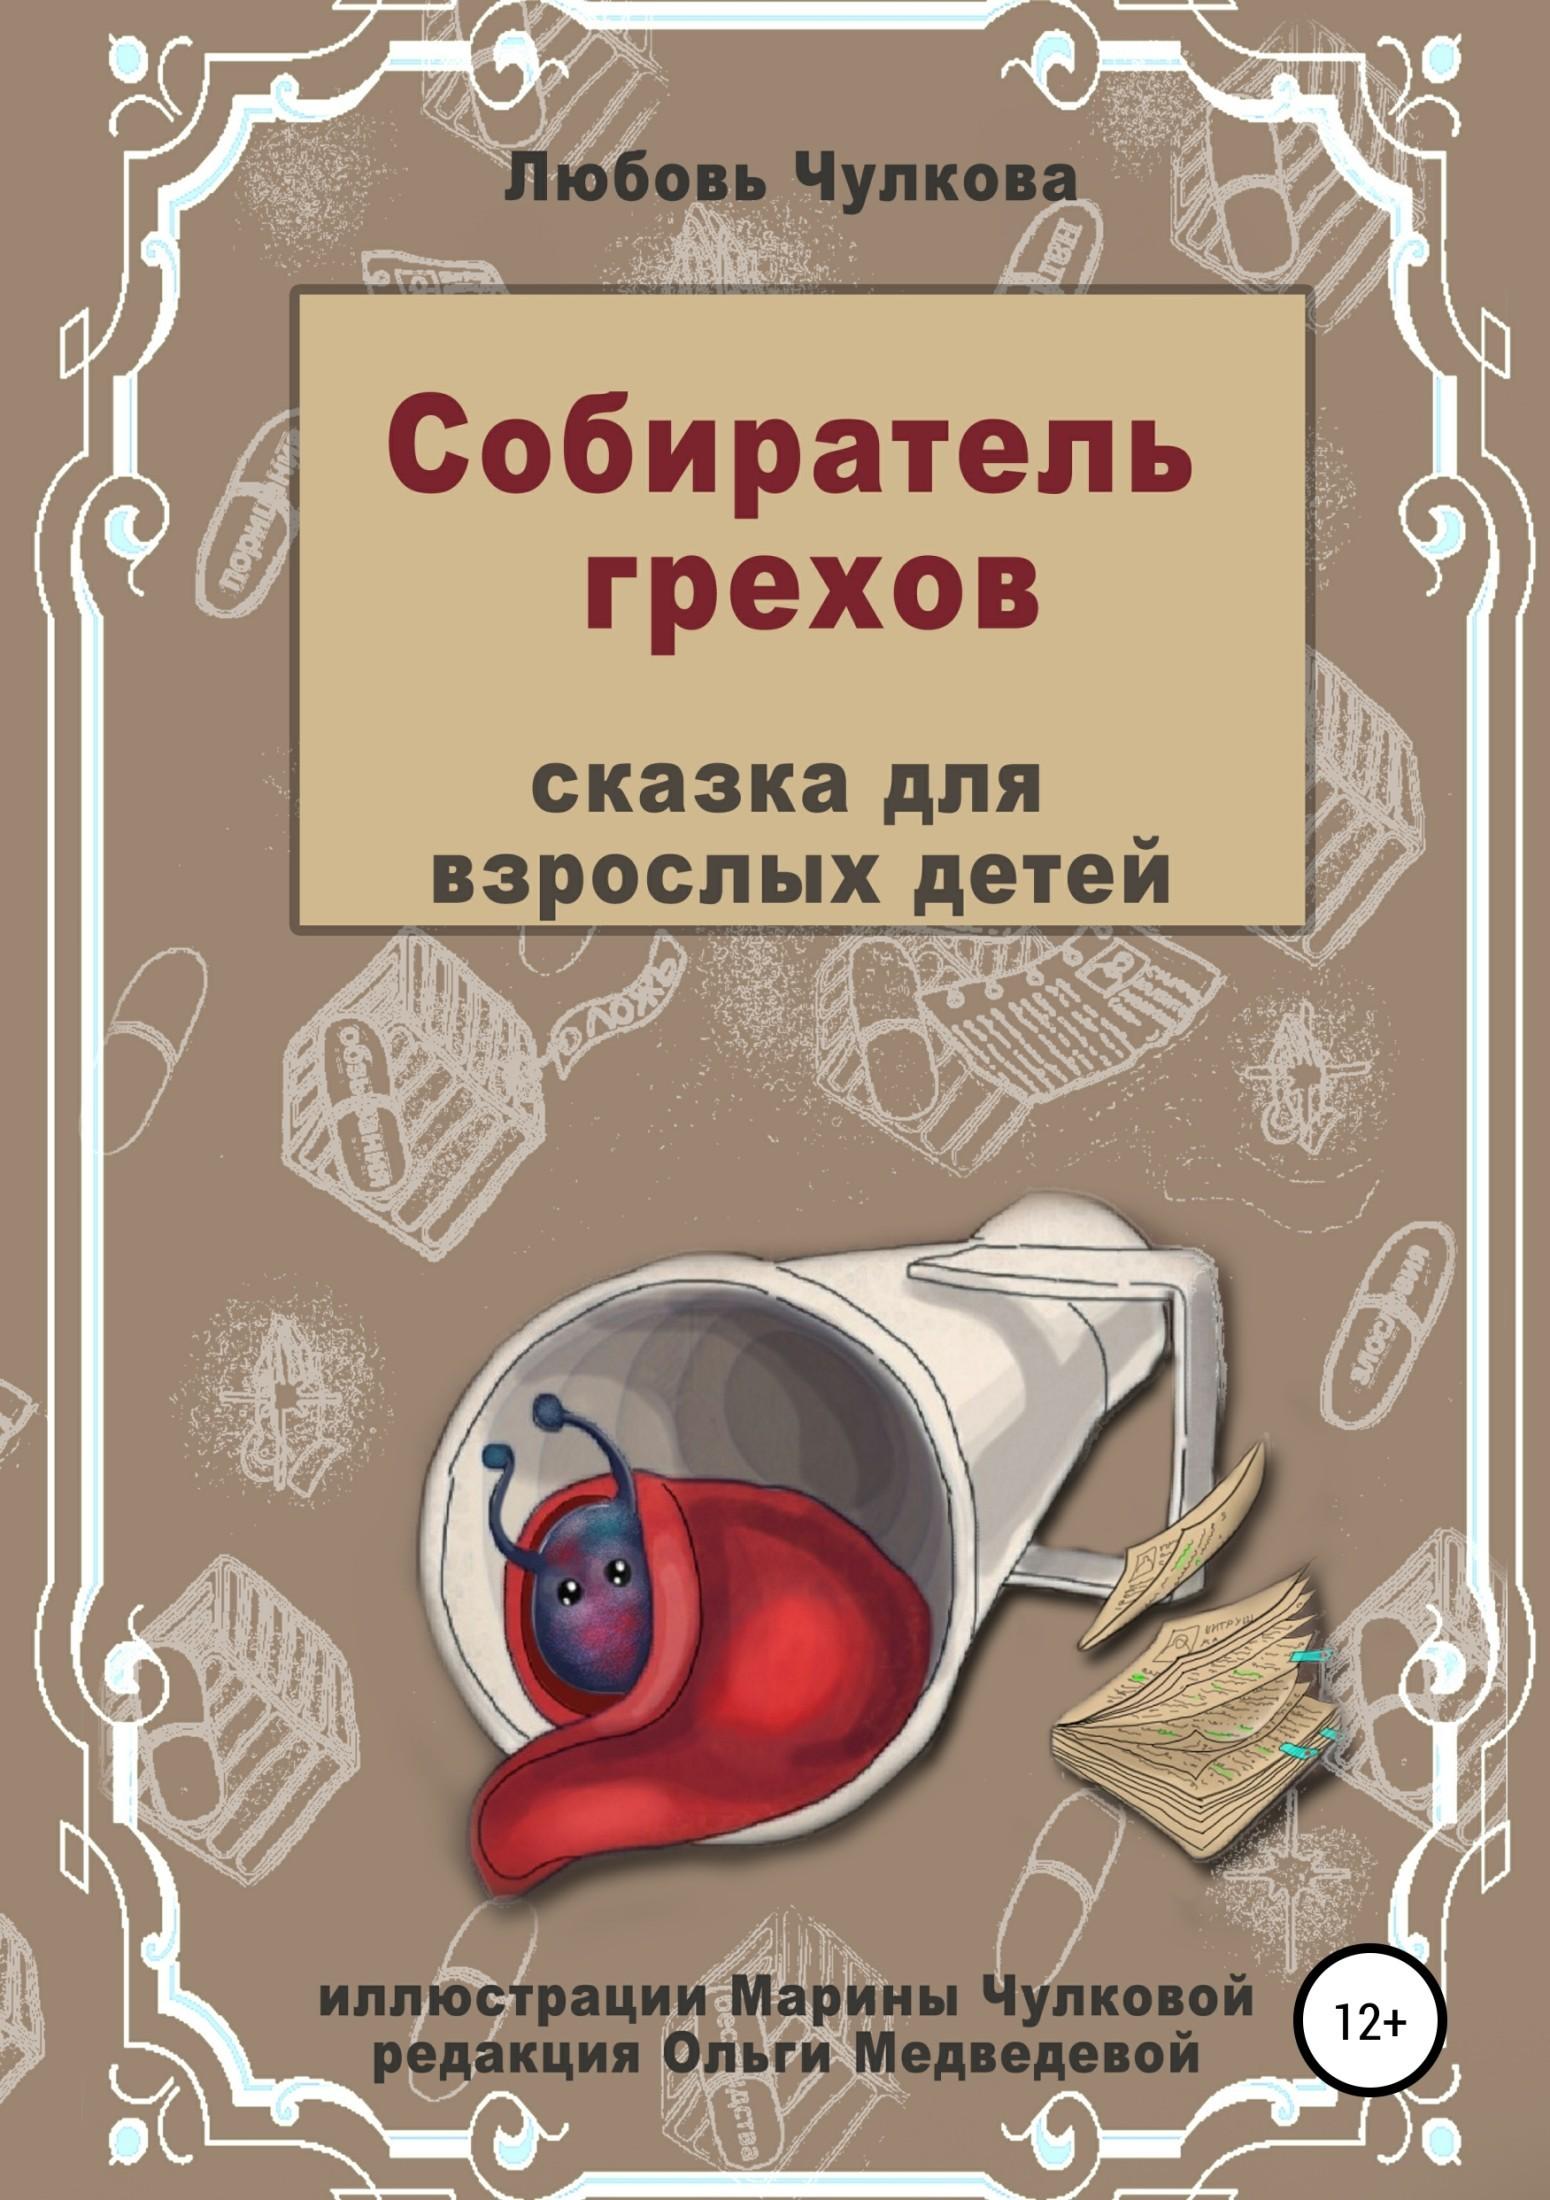 Любовь Чулкова - Собиратель грехов